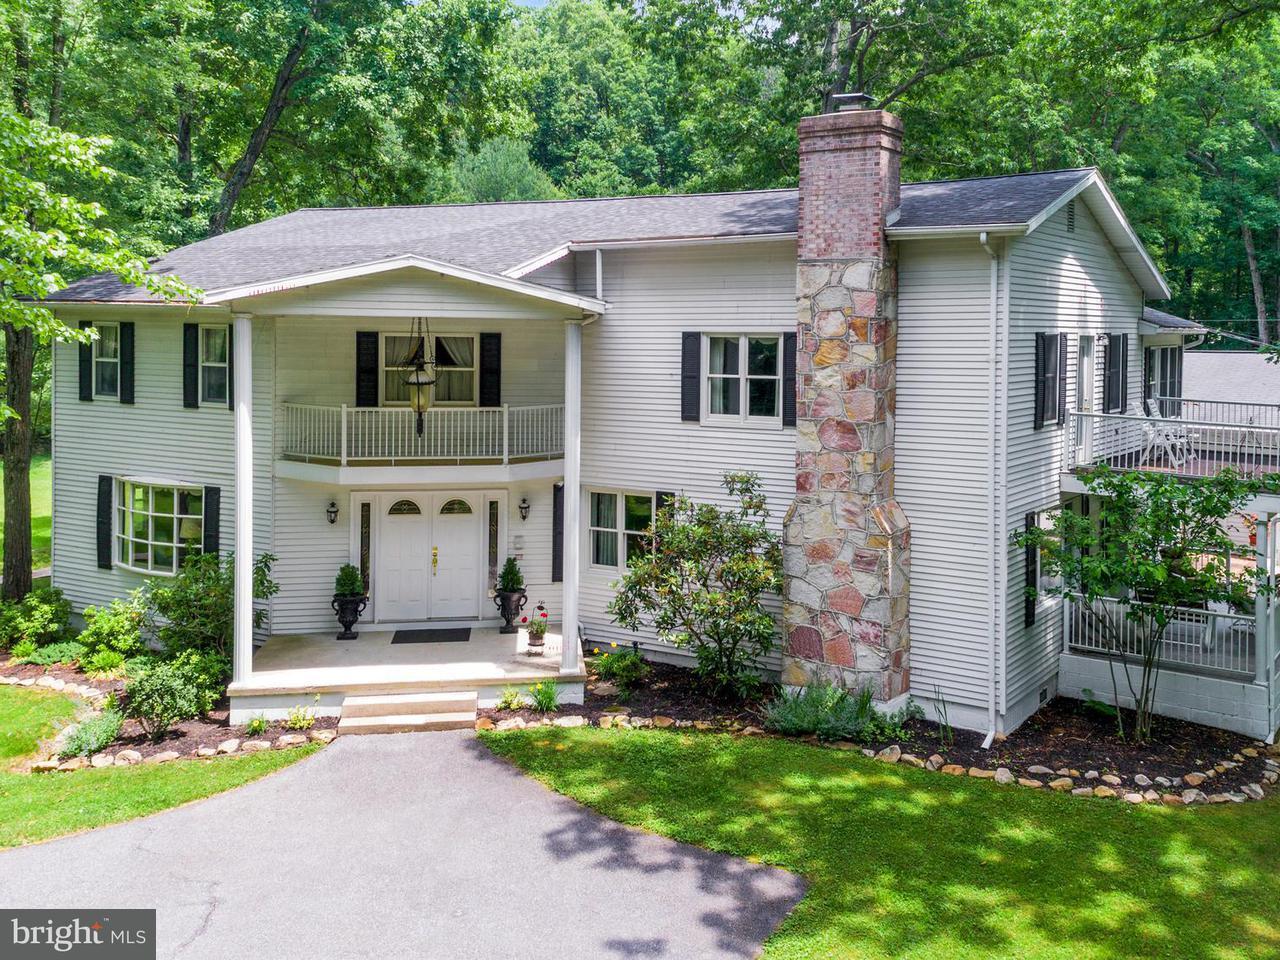 Maison unifamiliale pour l Vente à 1111 HOUSER Road 1111 HOUSER Road Fayetteville, Pennsylvanie 17222 États-Unis